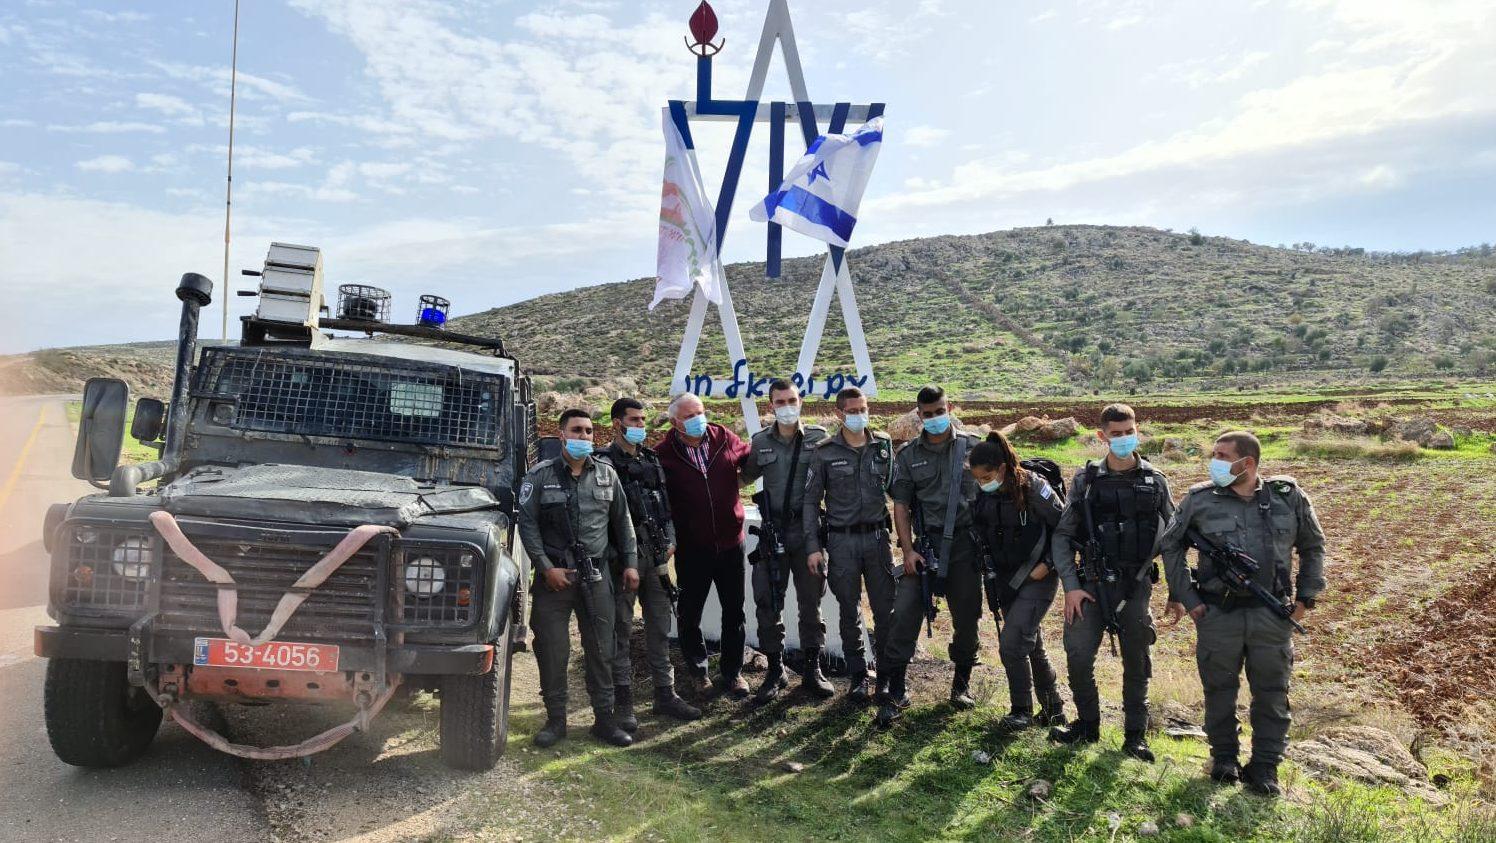 כוחות הביטחון שיקמו את האנדרטה לזכר שולי הר מלך שבוזתה ע